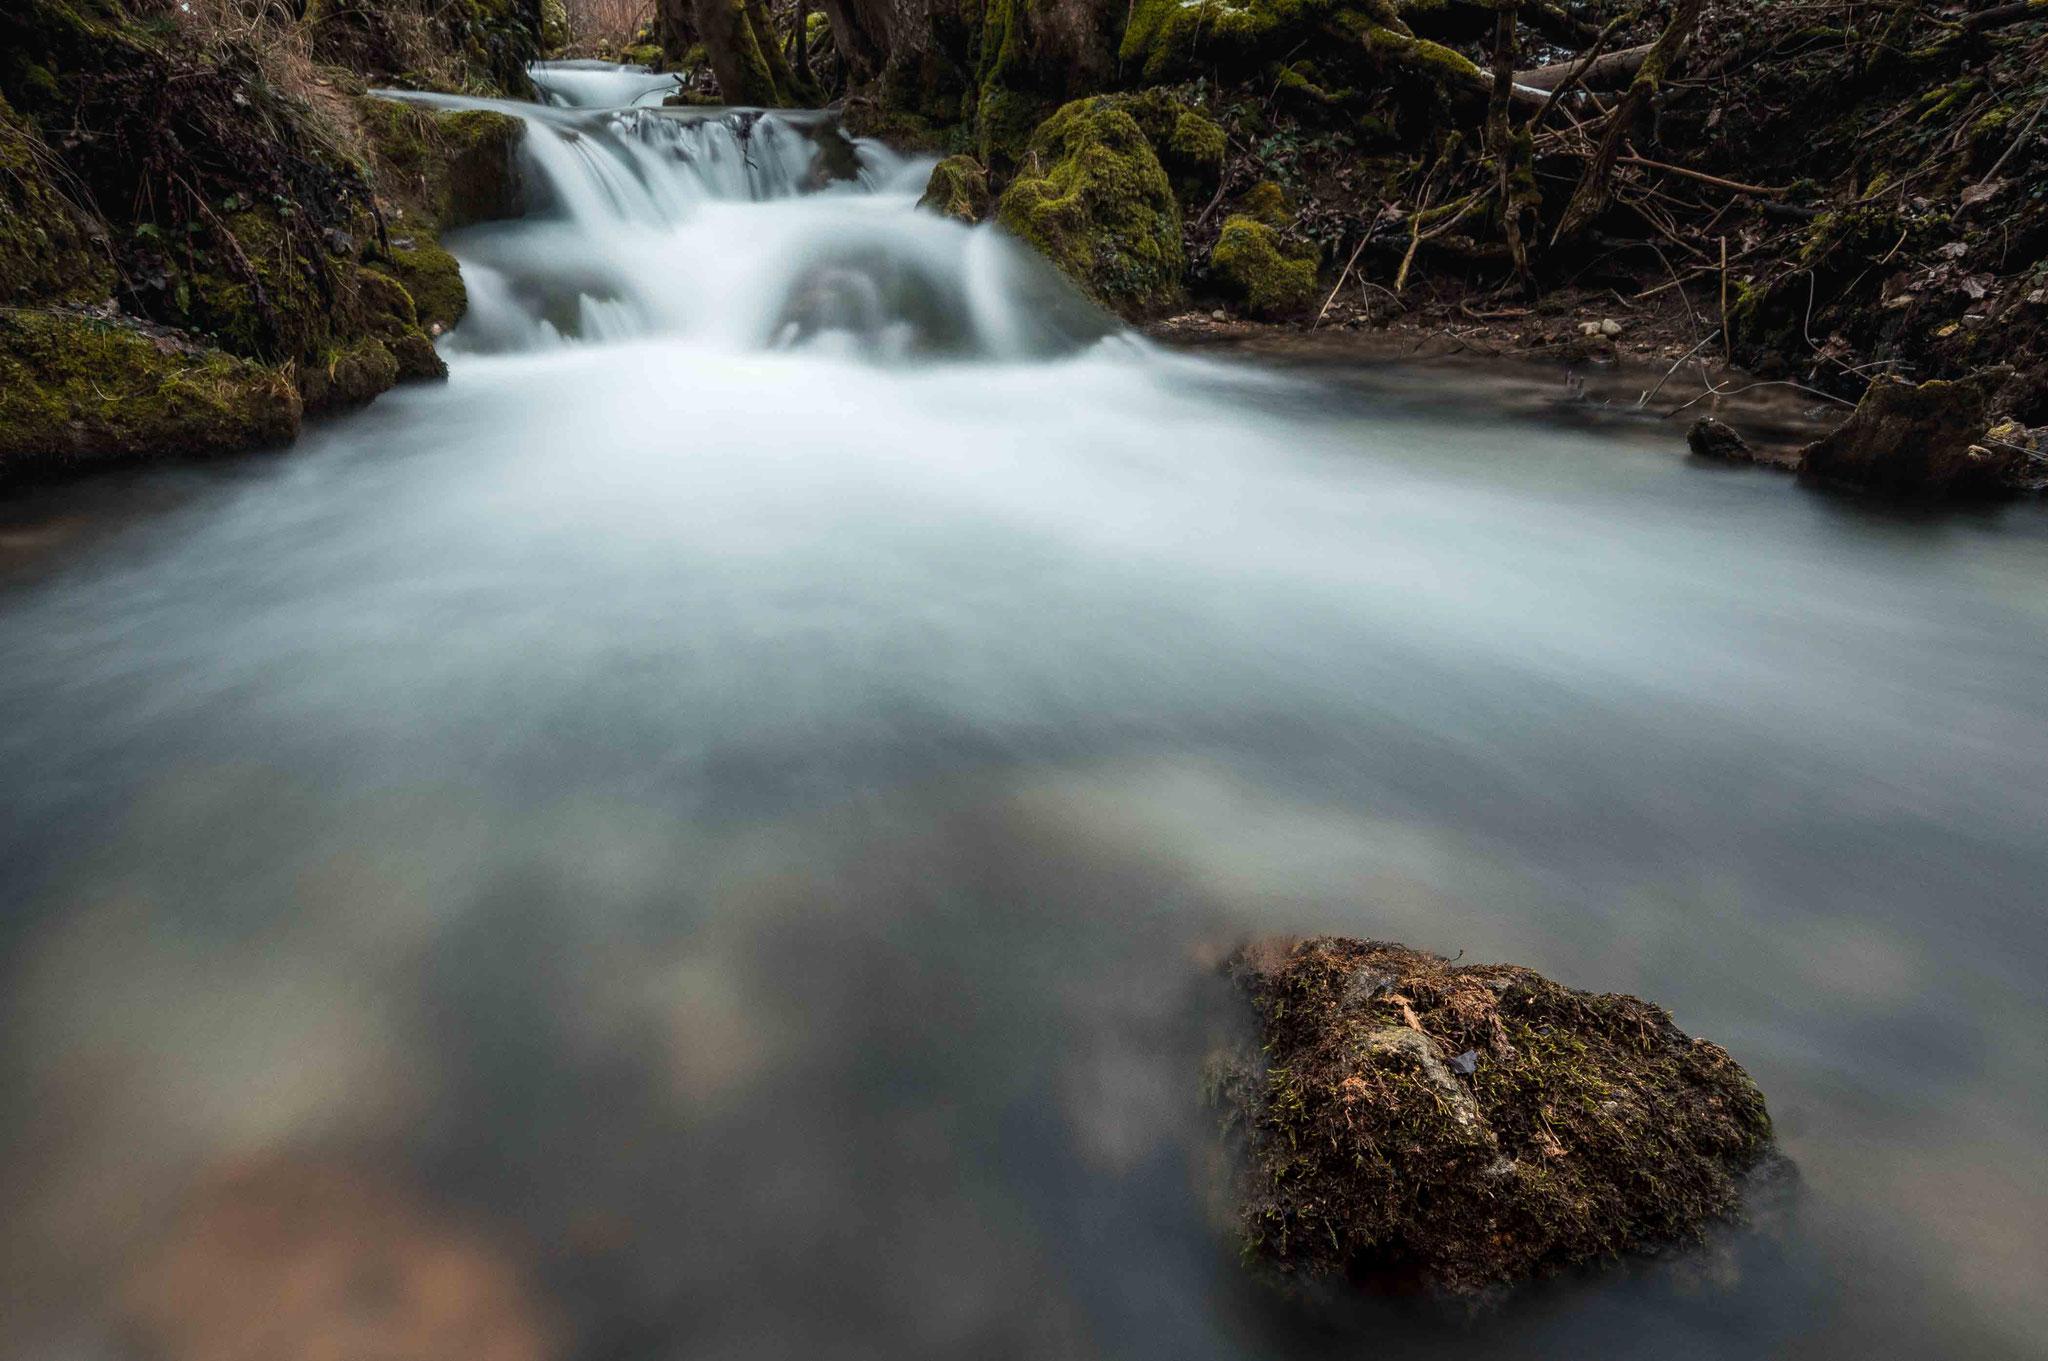 Stein im strömenden Wasser; Wasserfall Bad Urach